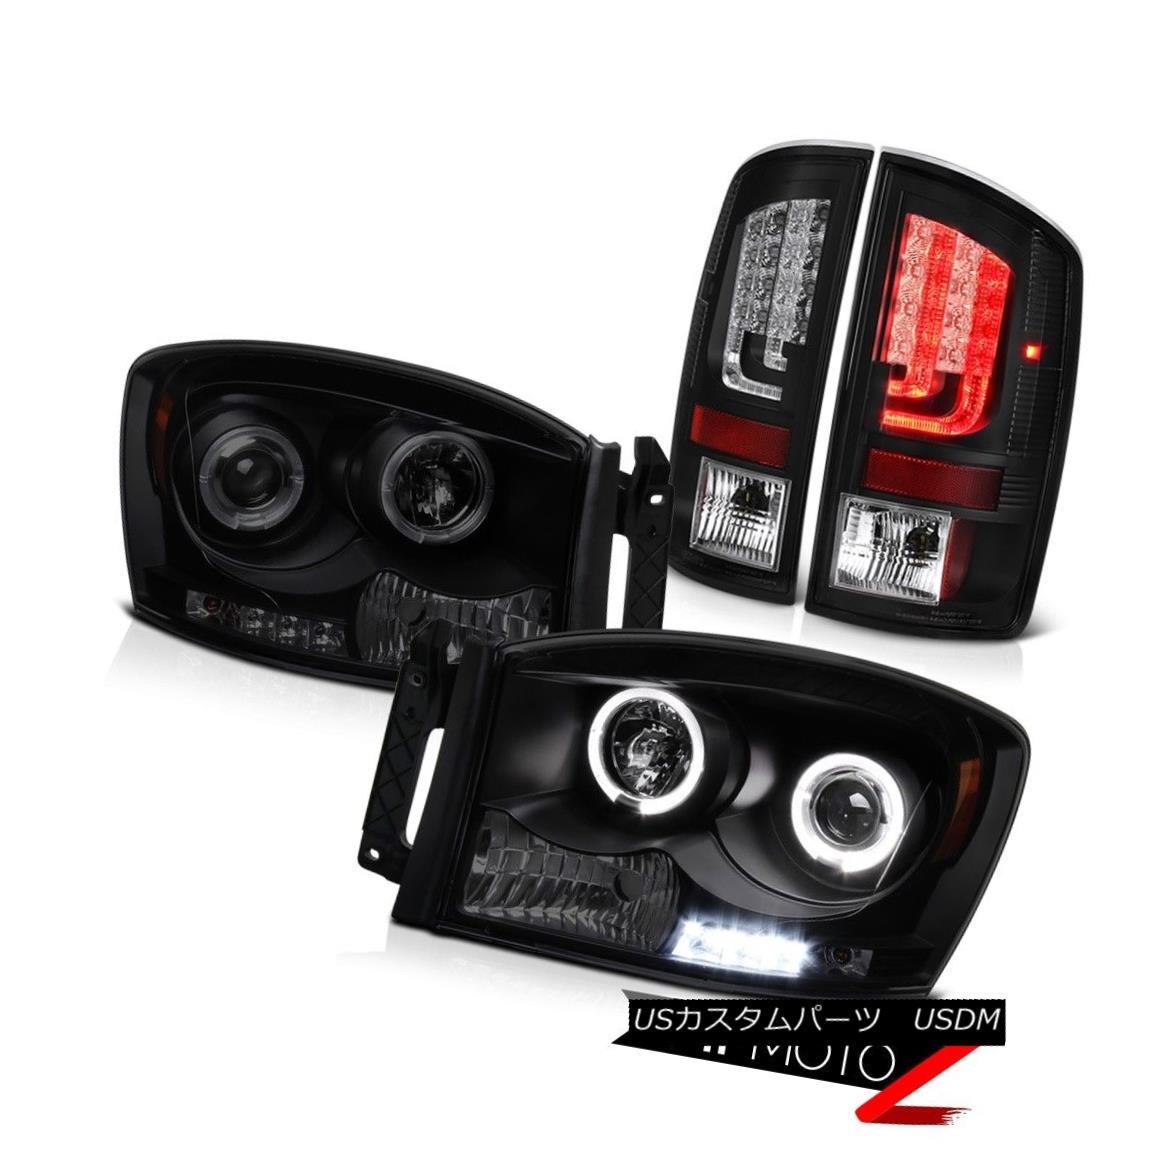 テールライト 2007-2009 Dodge Ram 1500 4.7L Black Taillamps Headlights OLED Prism LED Halo Rim 2007-2009ダッジラム1500 4.7LブラックタイランプヘッドライトOLEDプリズムLEDハローリム